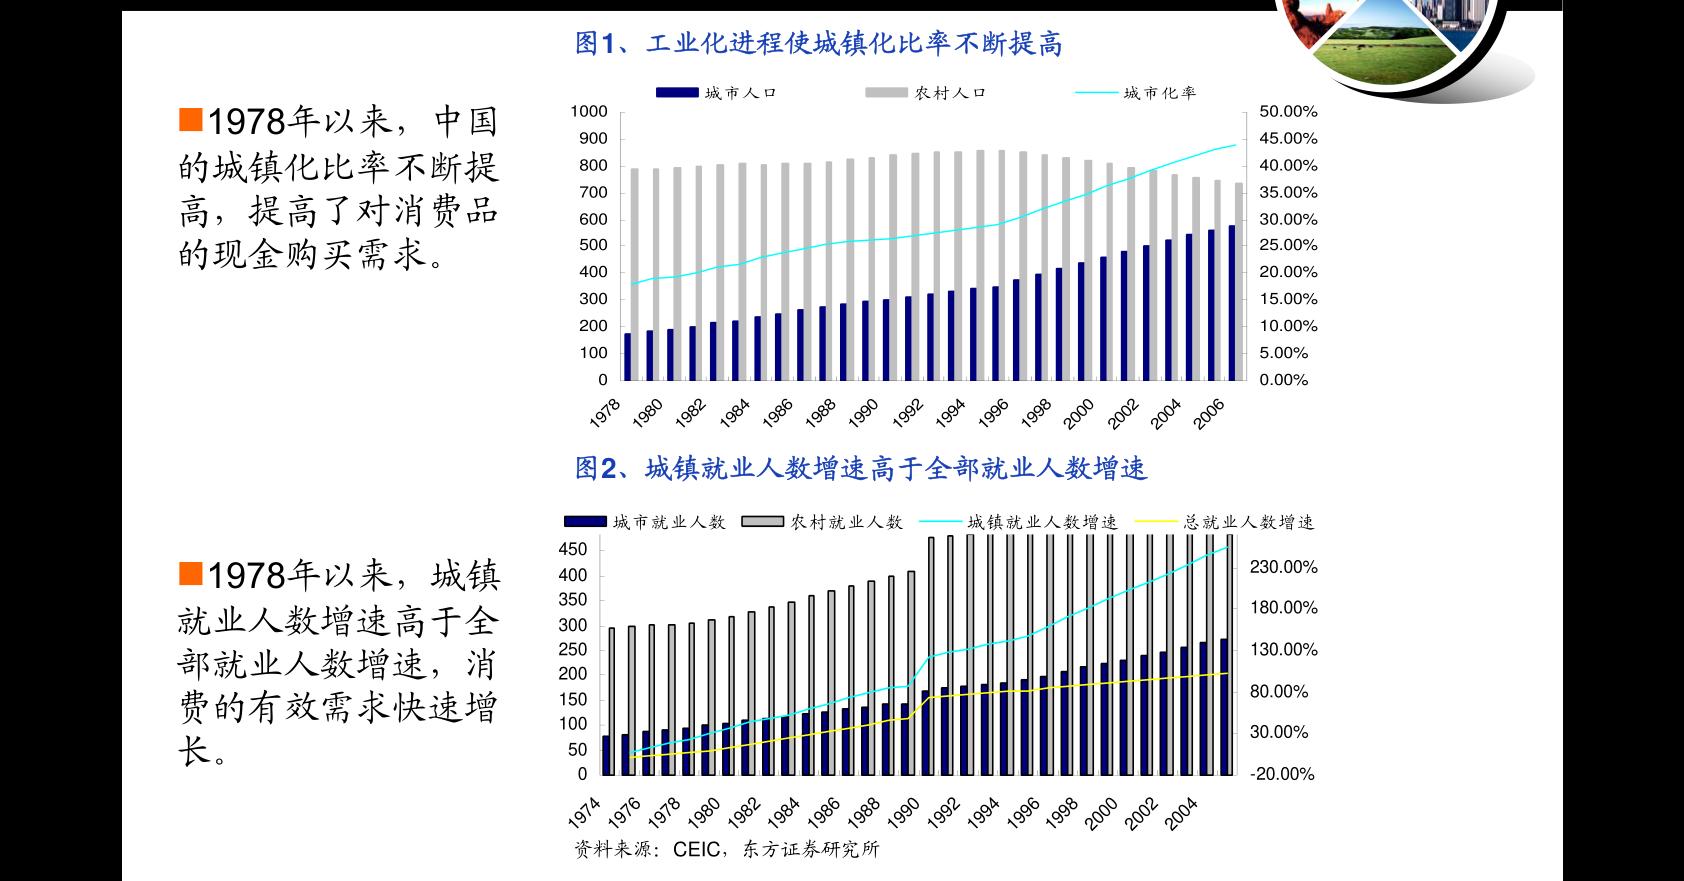 招商证券-电商代运营行业深度报告:平台与流量变化衍生新需求代运营持续高增长-210201